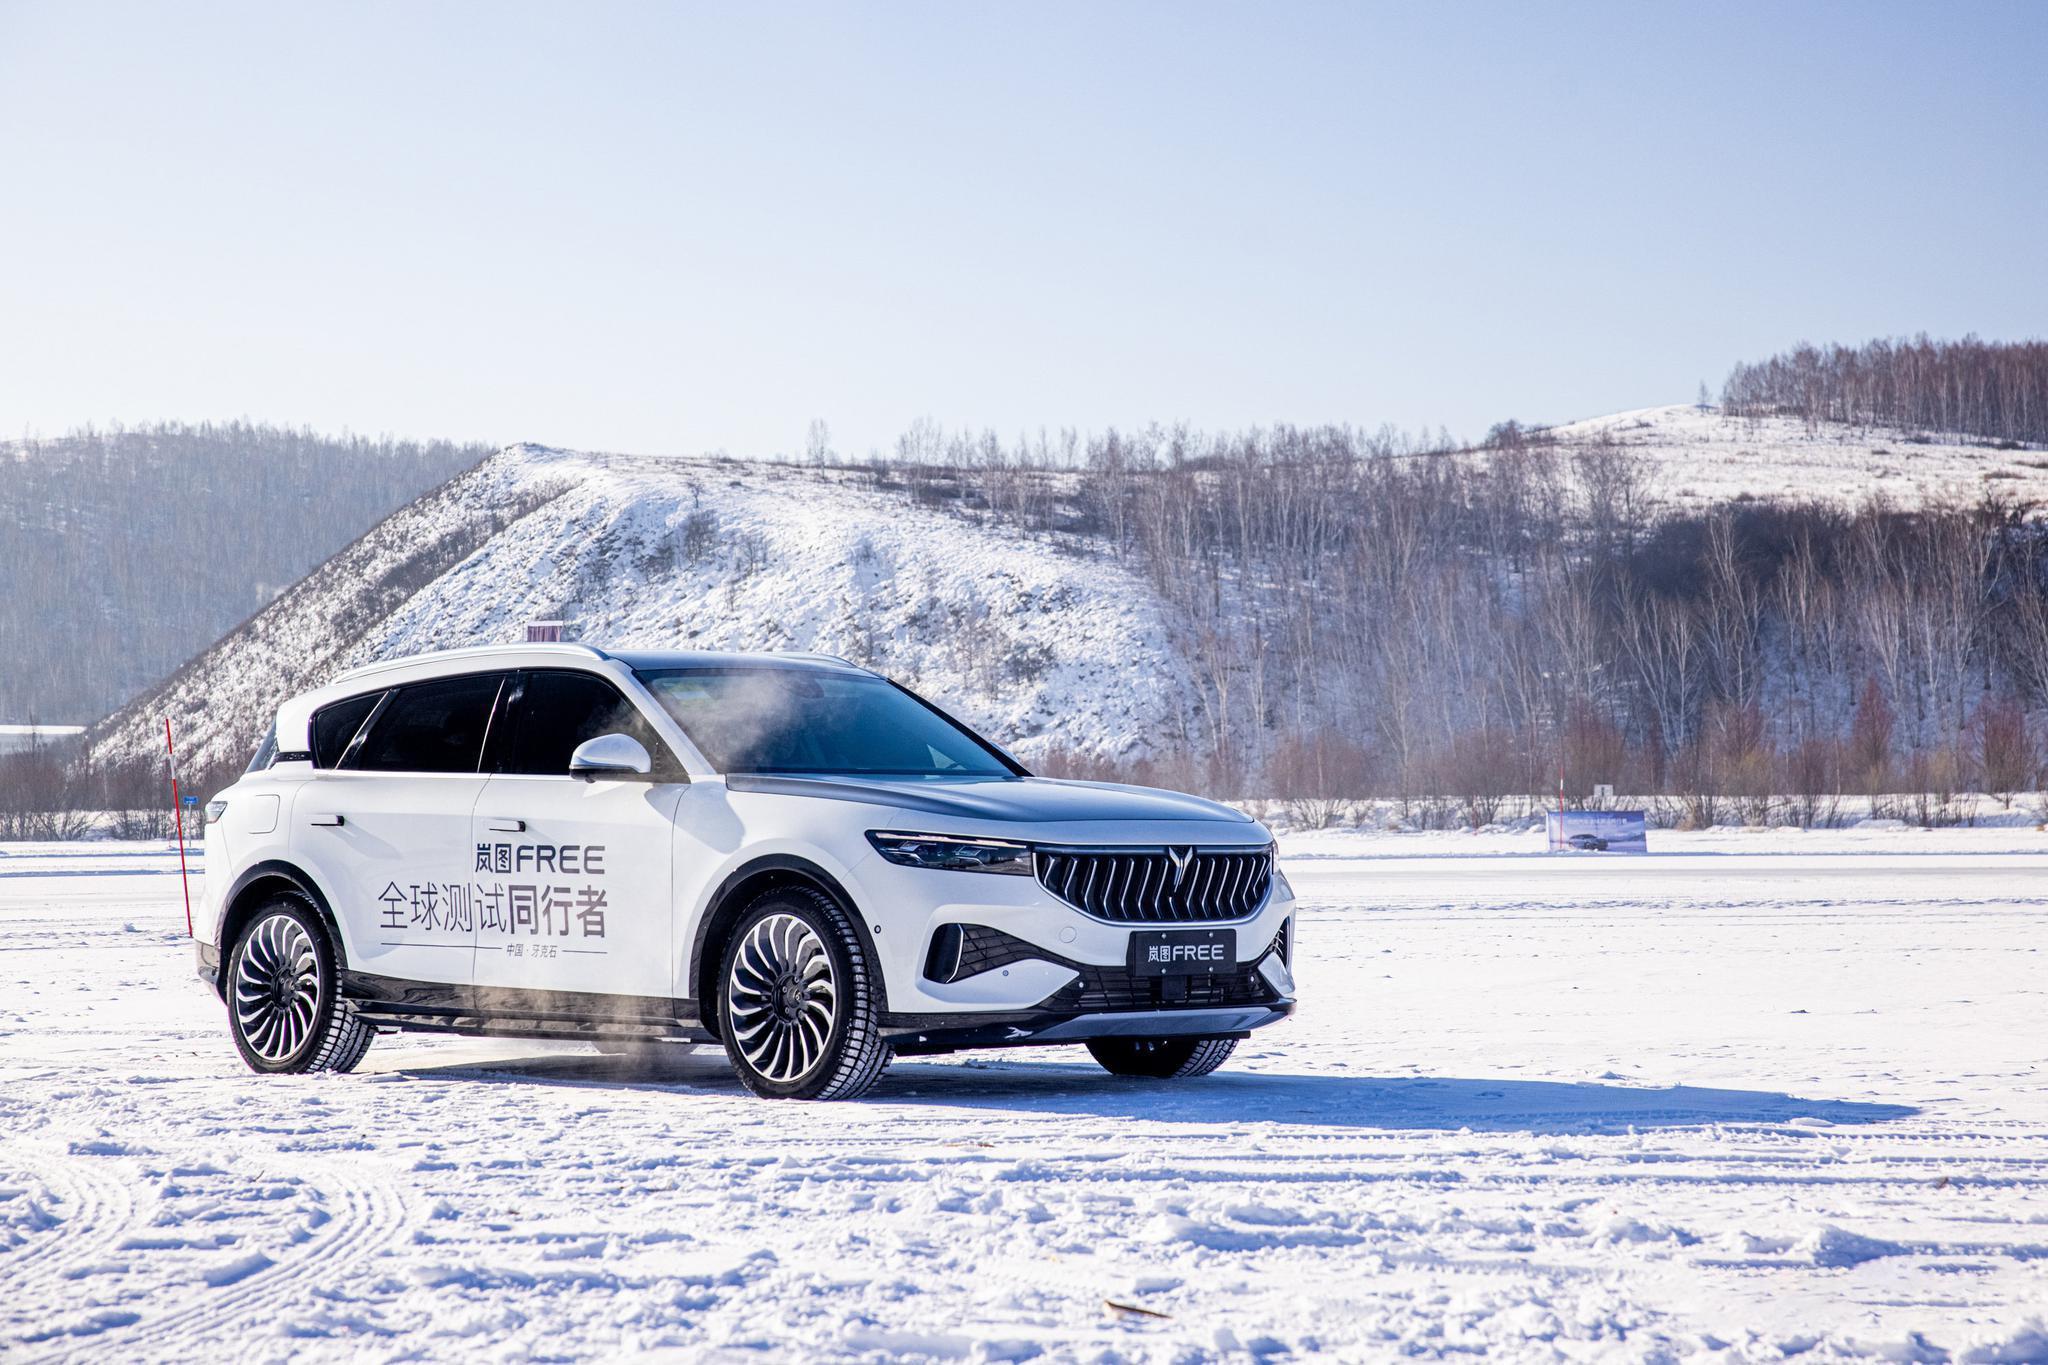 岚图FREE冰雪极地试驾,零下30度电池热管理依旧给力!